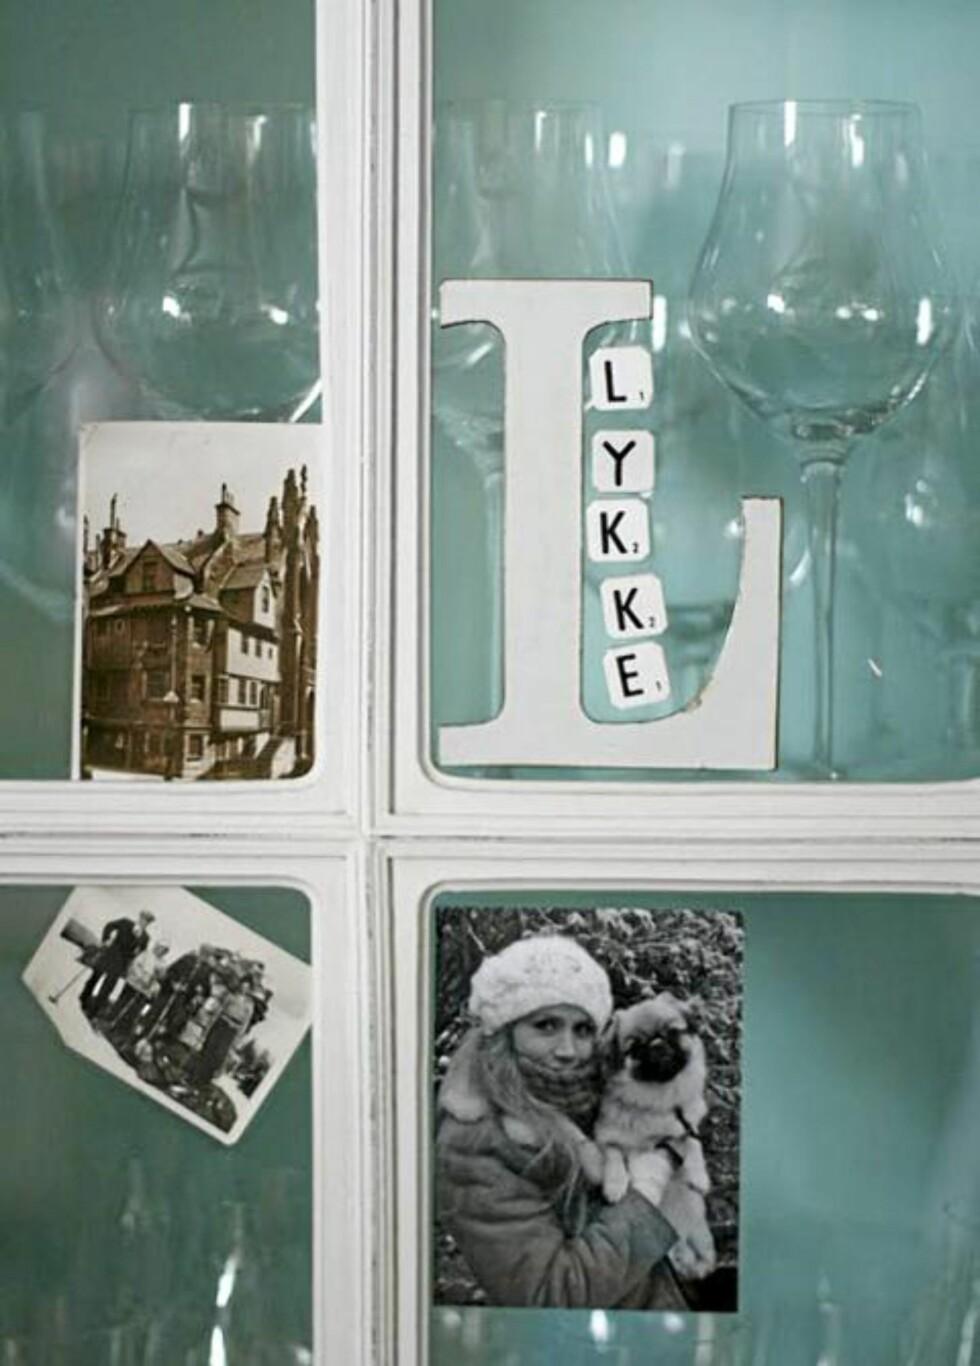 PERSONLIG: Flere steder og møbler i leiligheten er dekorert med bilder. Foto: Nib